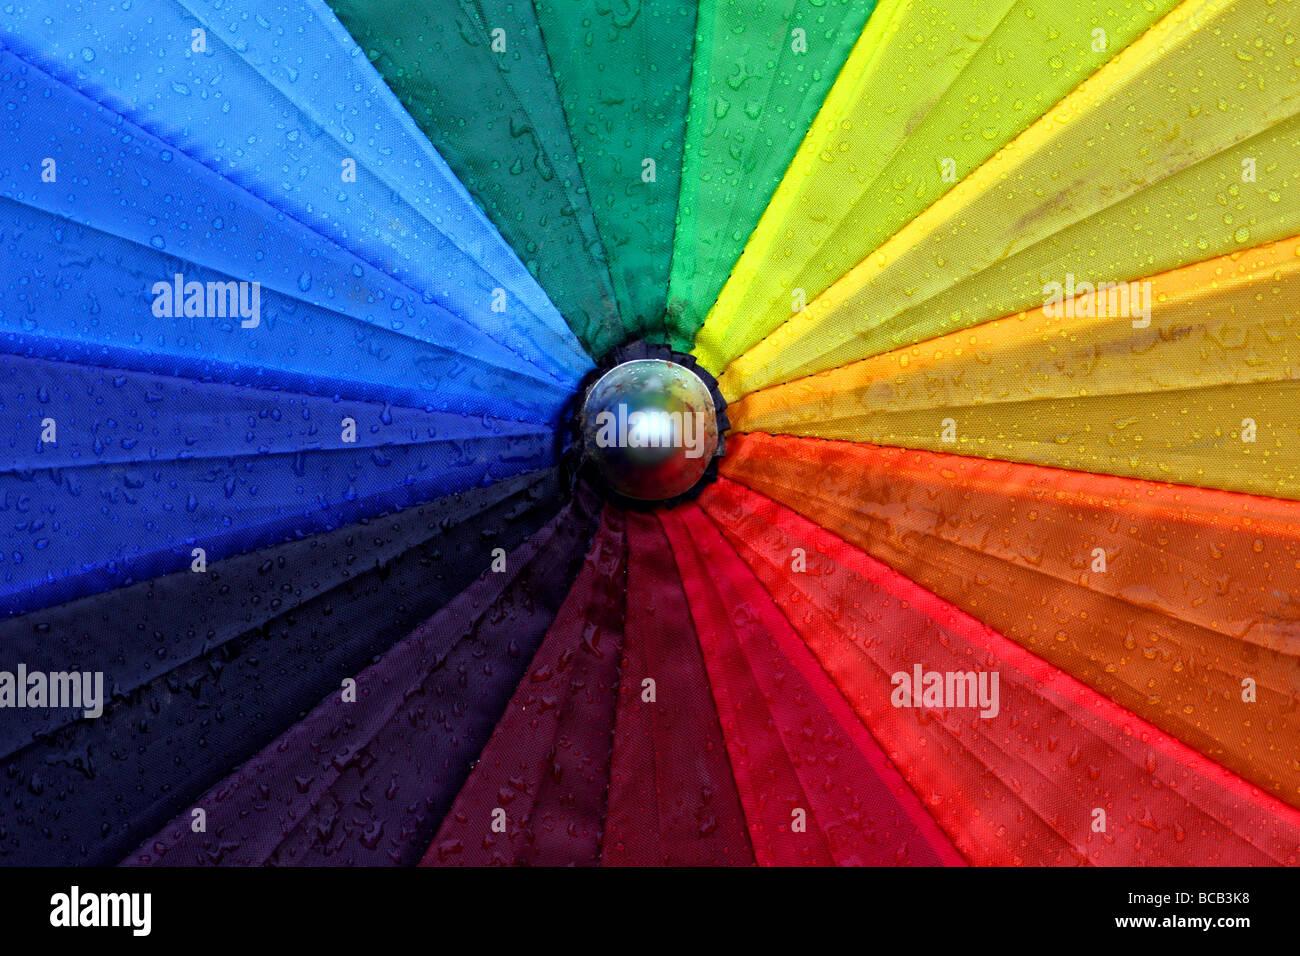 Multicoloured umbrella in rain - Stock Image